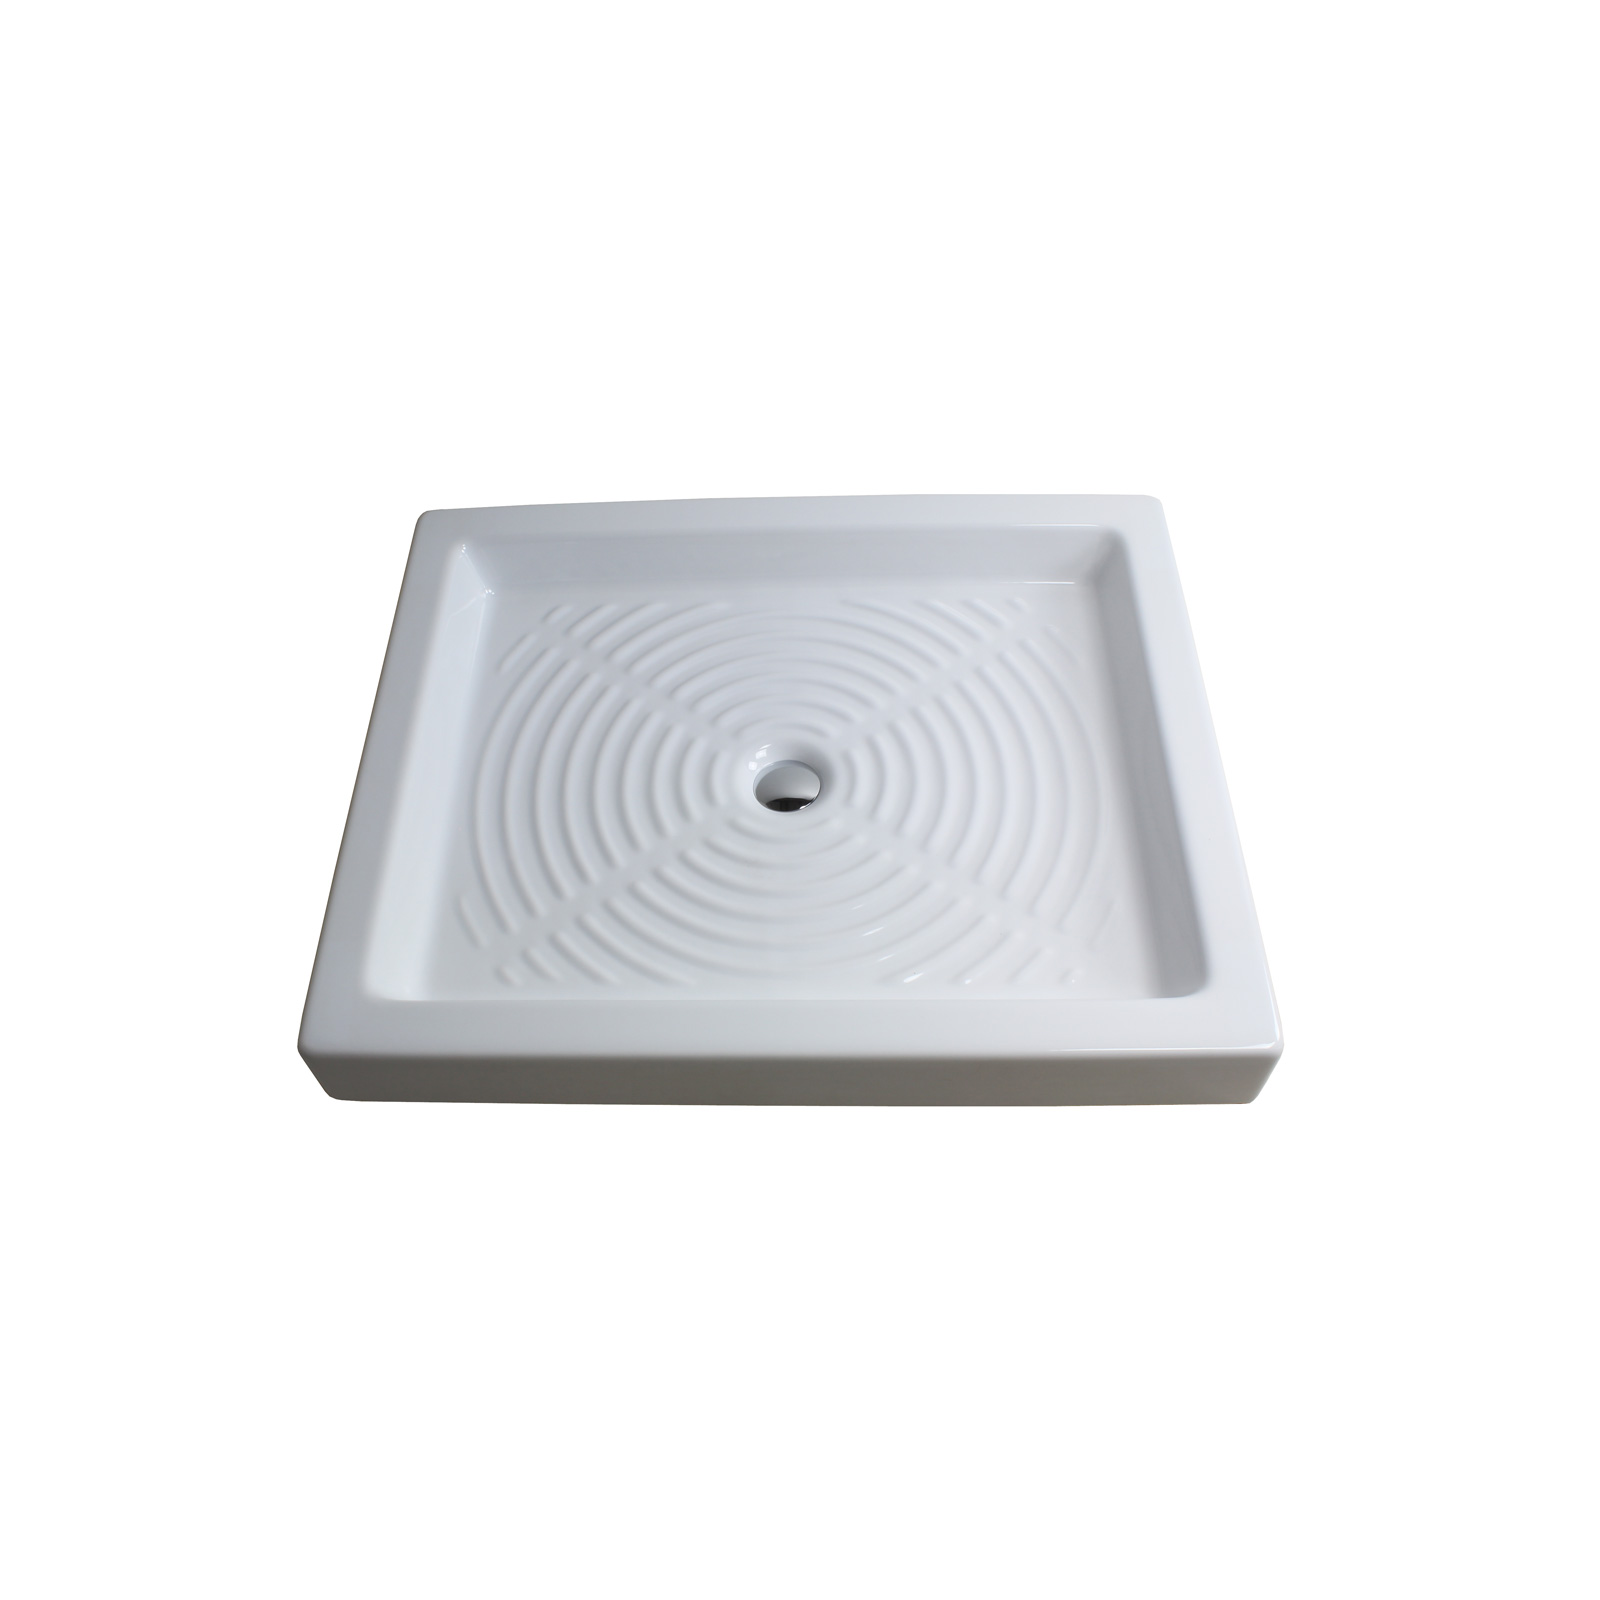 Prezzi Piatti Doccia In Ceramica.Piatto Doccia In Ceramica Vendita Online Offerte E Prezzi